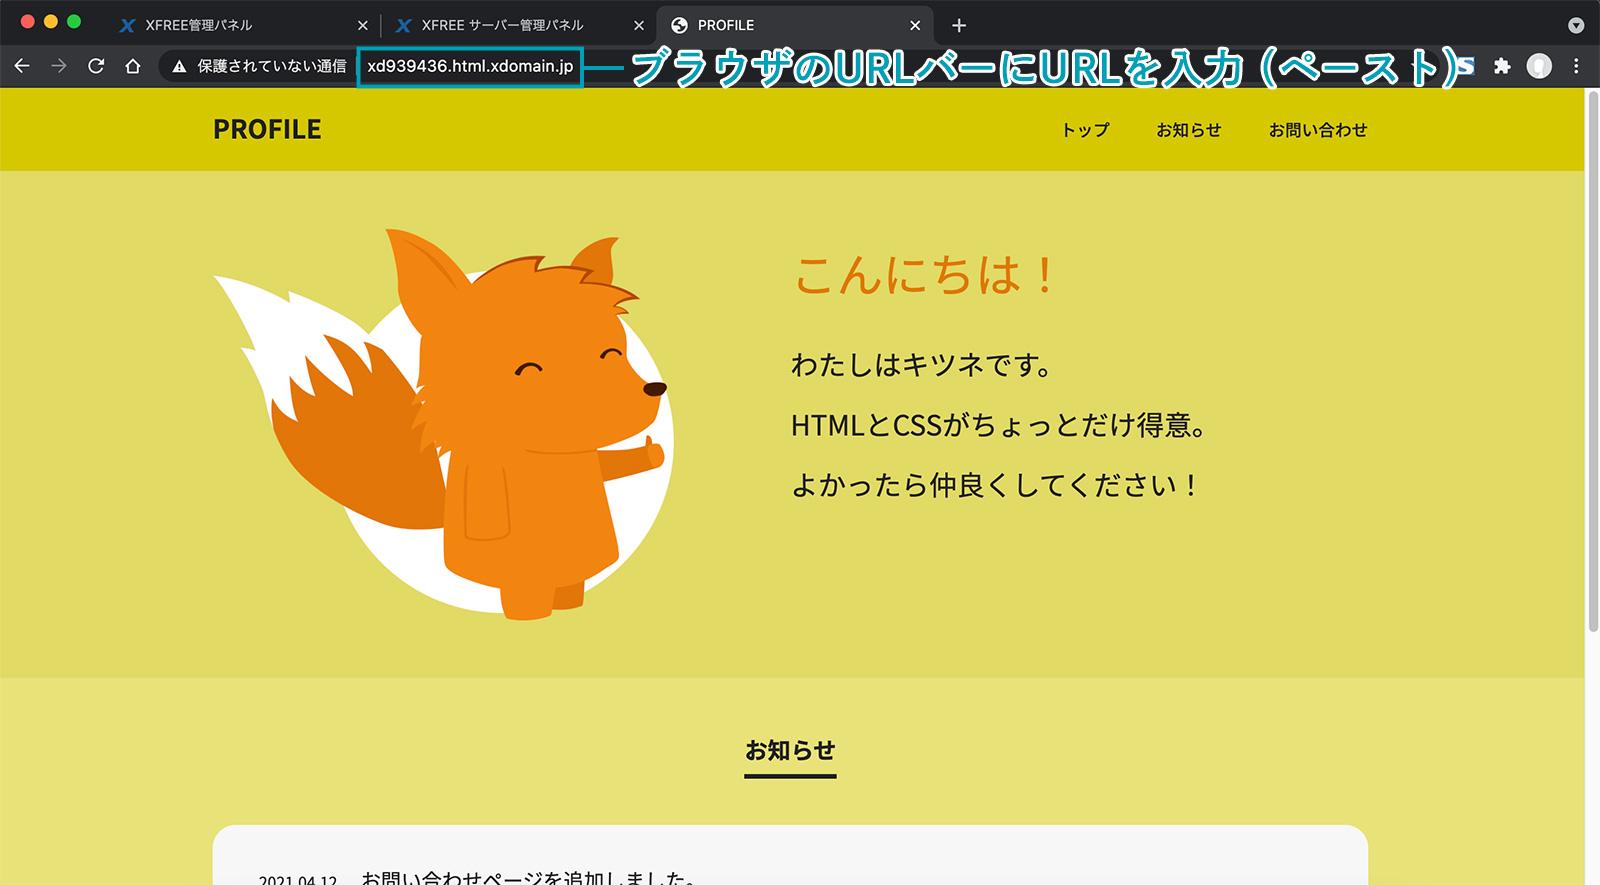 作成したWEBサイトをブラウザで表示